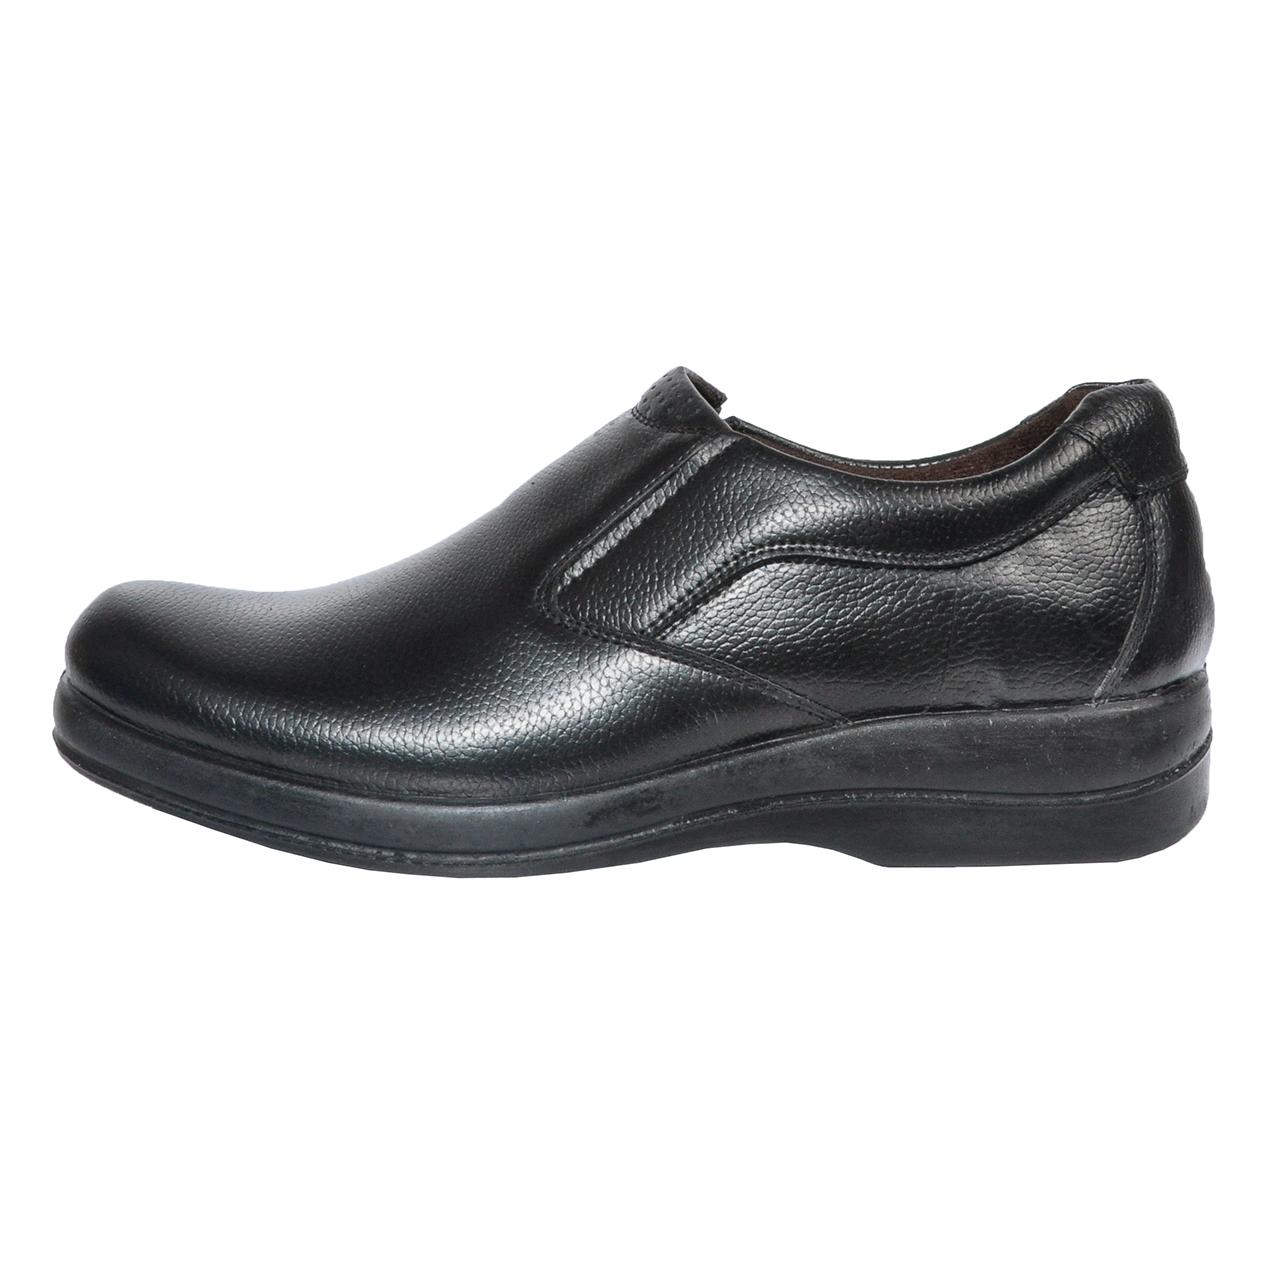 کفش روزمره مردانه کد m2204m